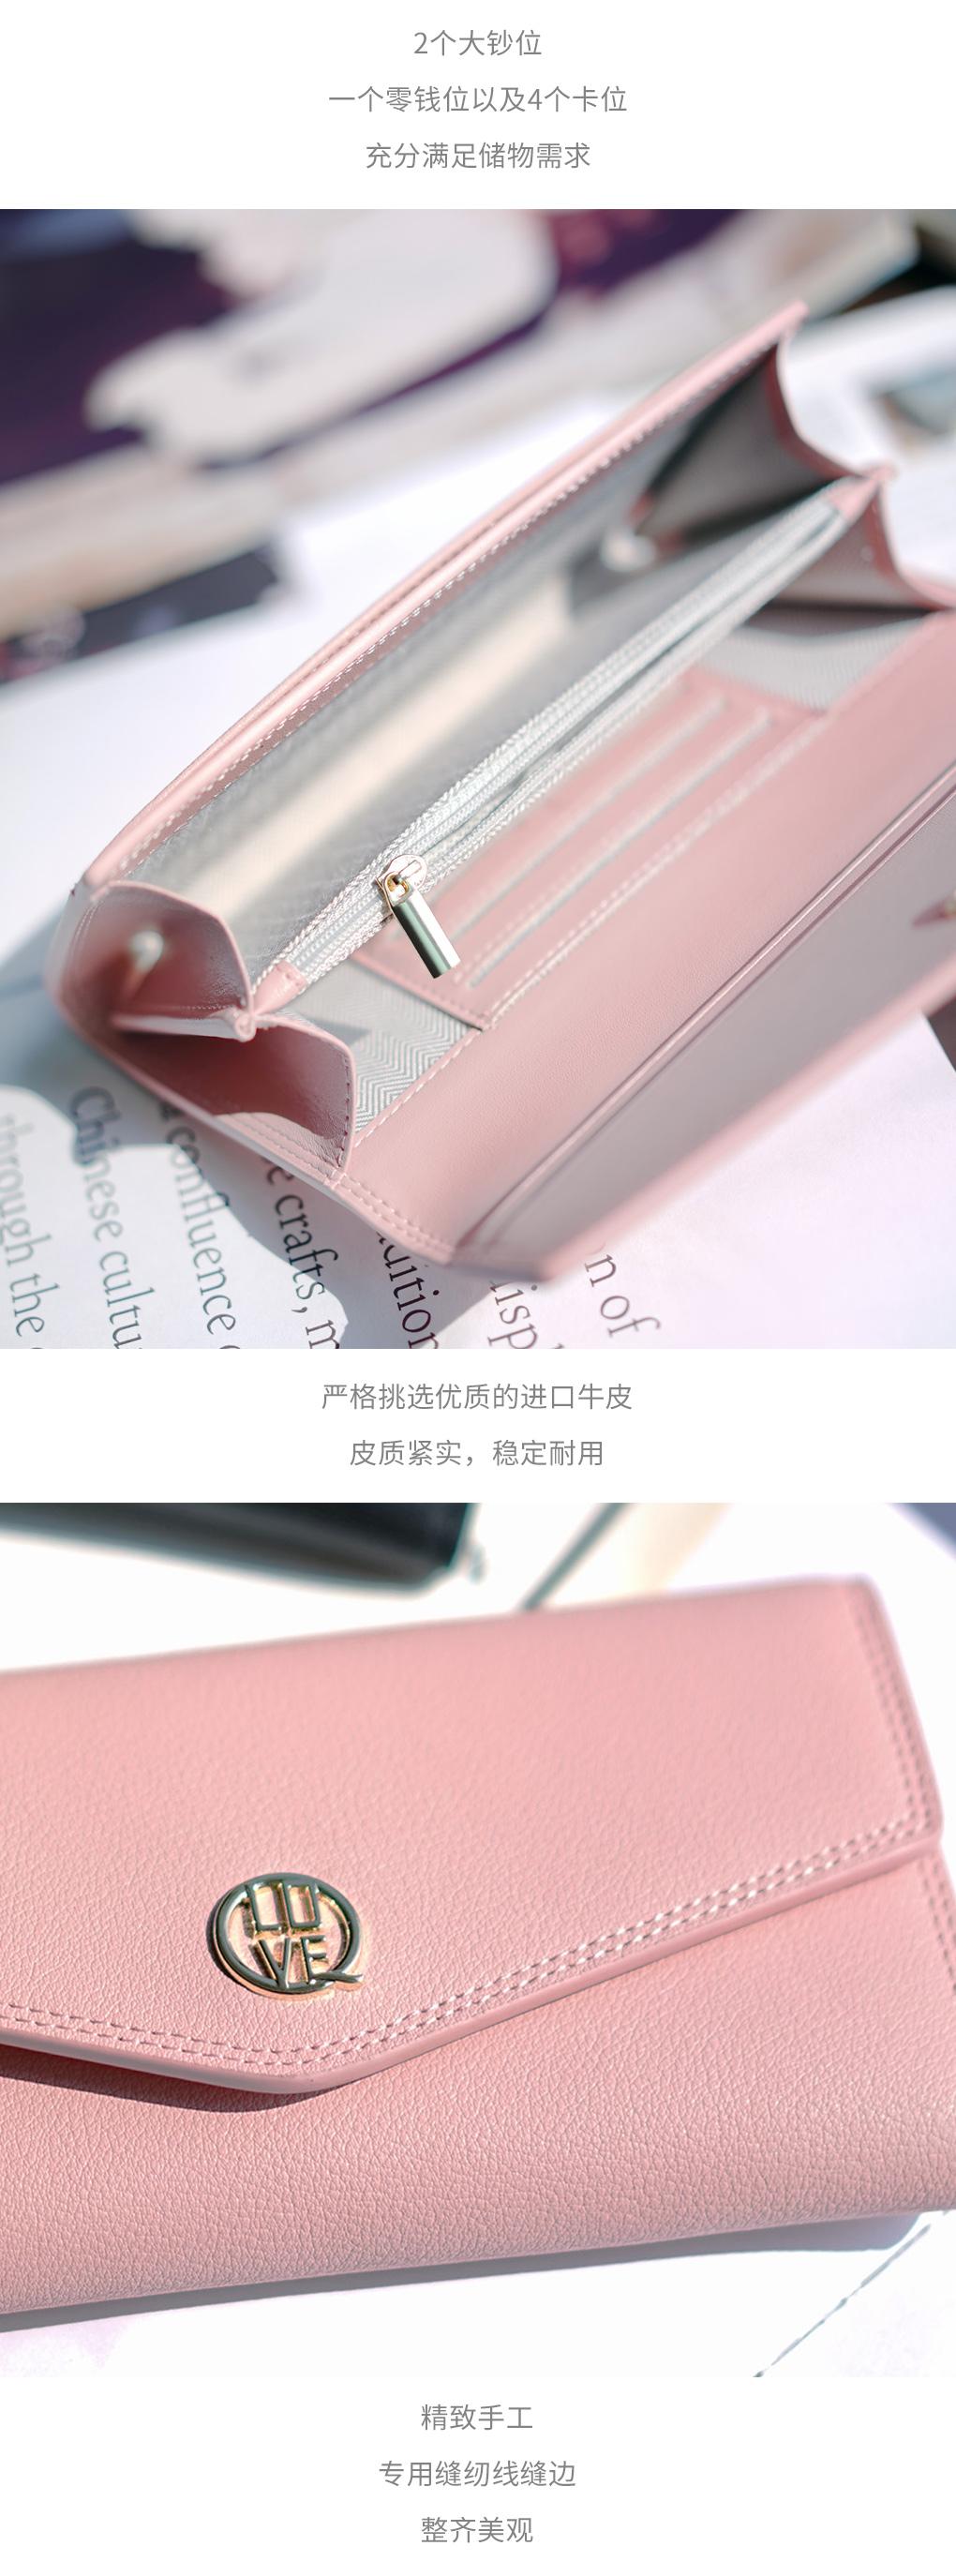 粉色 2.jpg